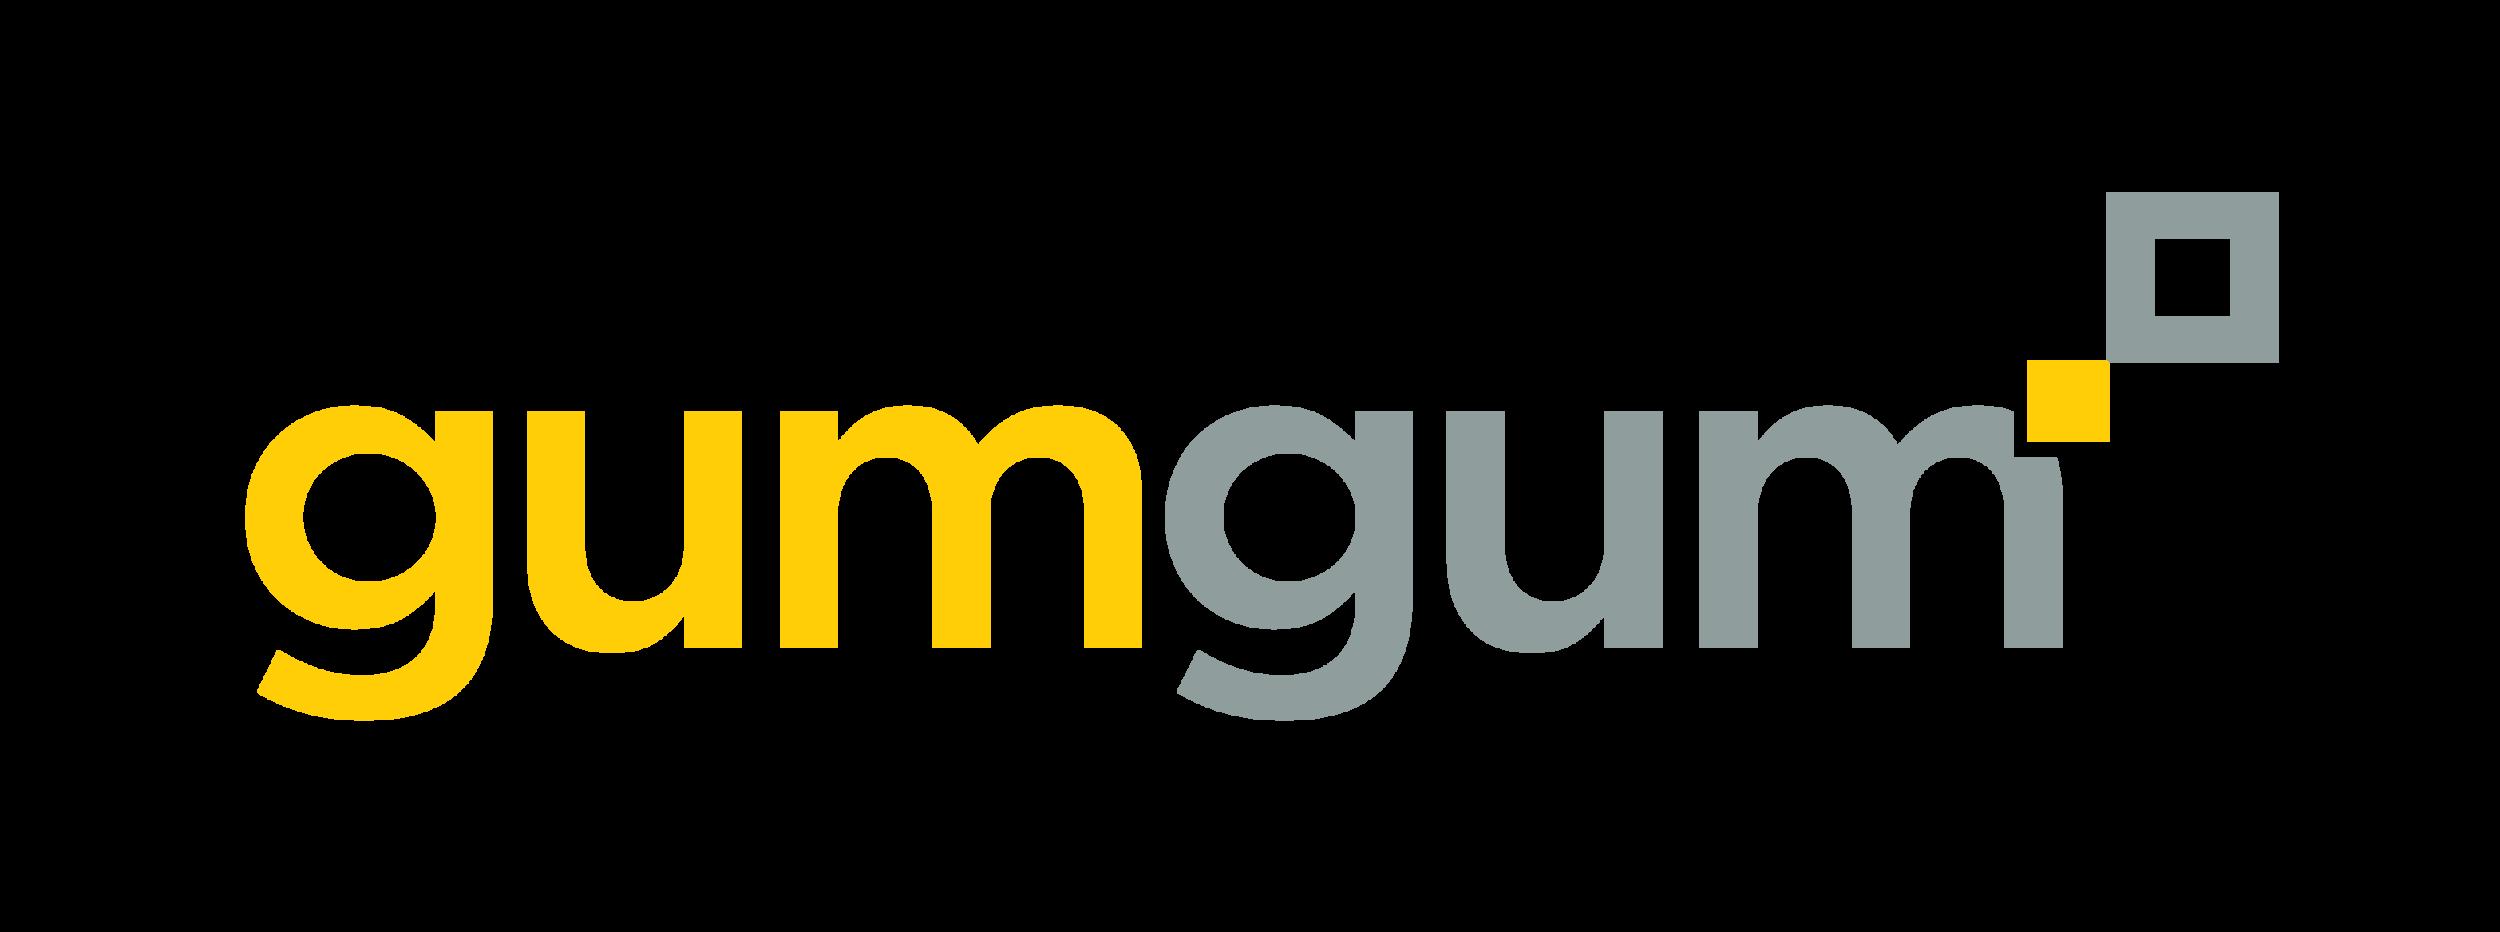 GUM GUM.png